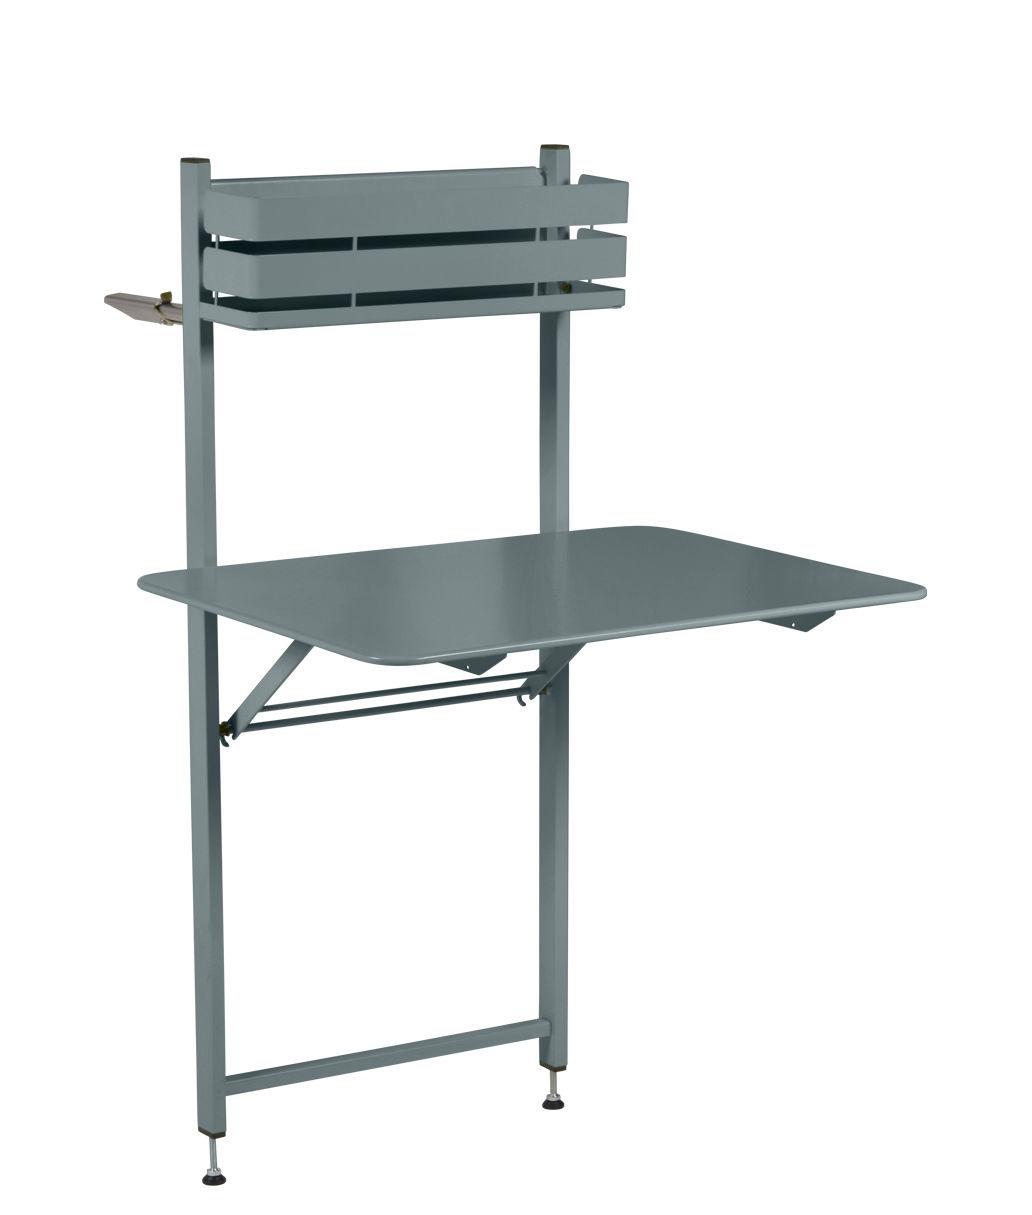 Outdoor - Tische - Balcon Bistro Klapptisch / herunterklappbar  - 77 x 64 cm - Fermob - Gewittergrau - bemalter Stahl